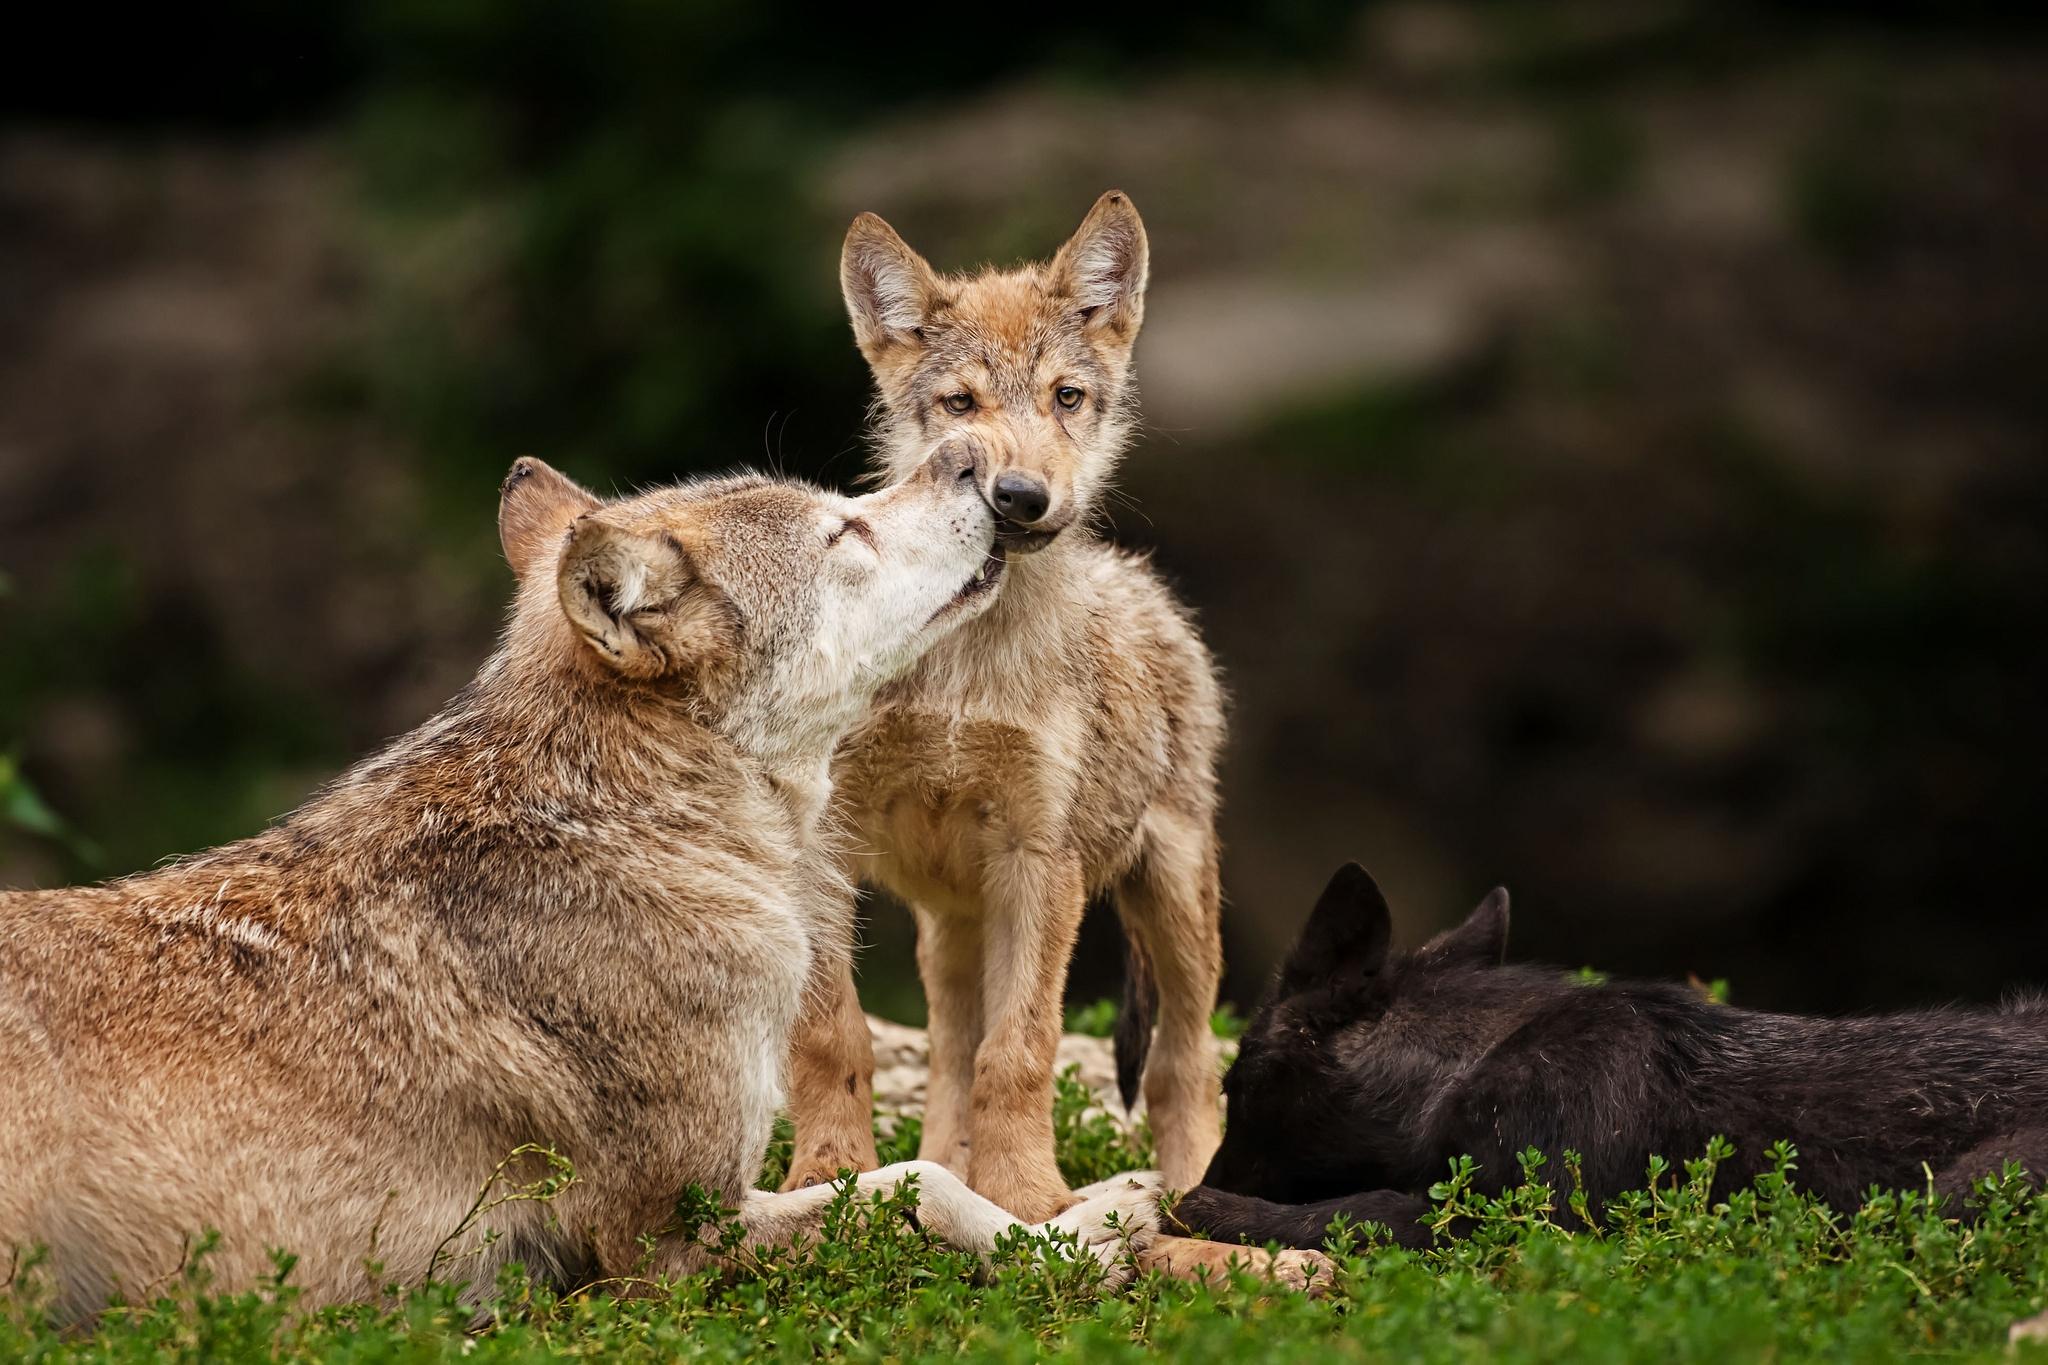 84799 Hintergrundbild herunterladen Tiere, Wölfe, Grass, Junge, Sich Hinlegen, Liegen, Pflege, Joey, Raubtiere - Bildschirmschoner und Bilder kostenlos